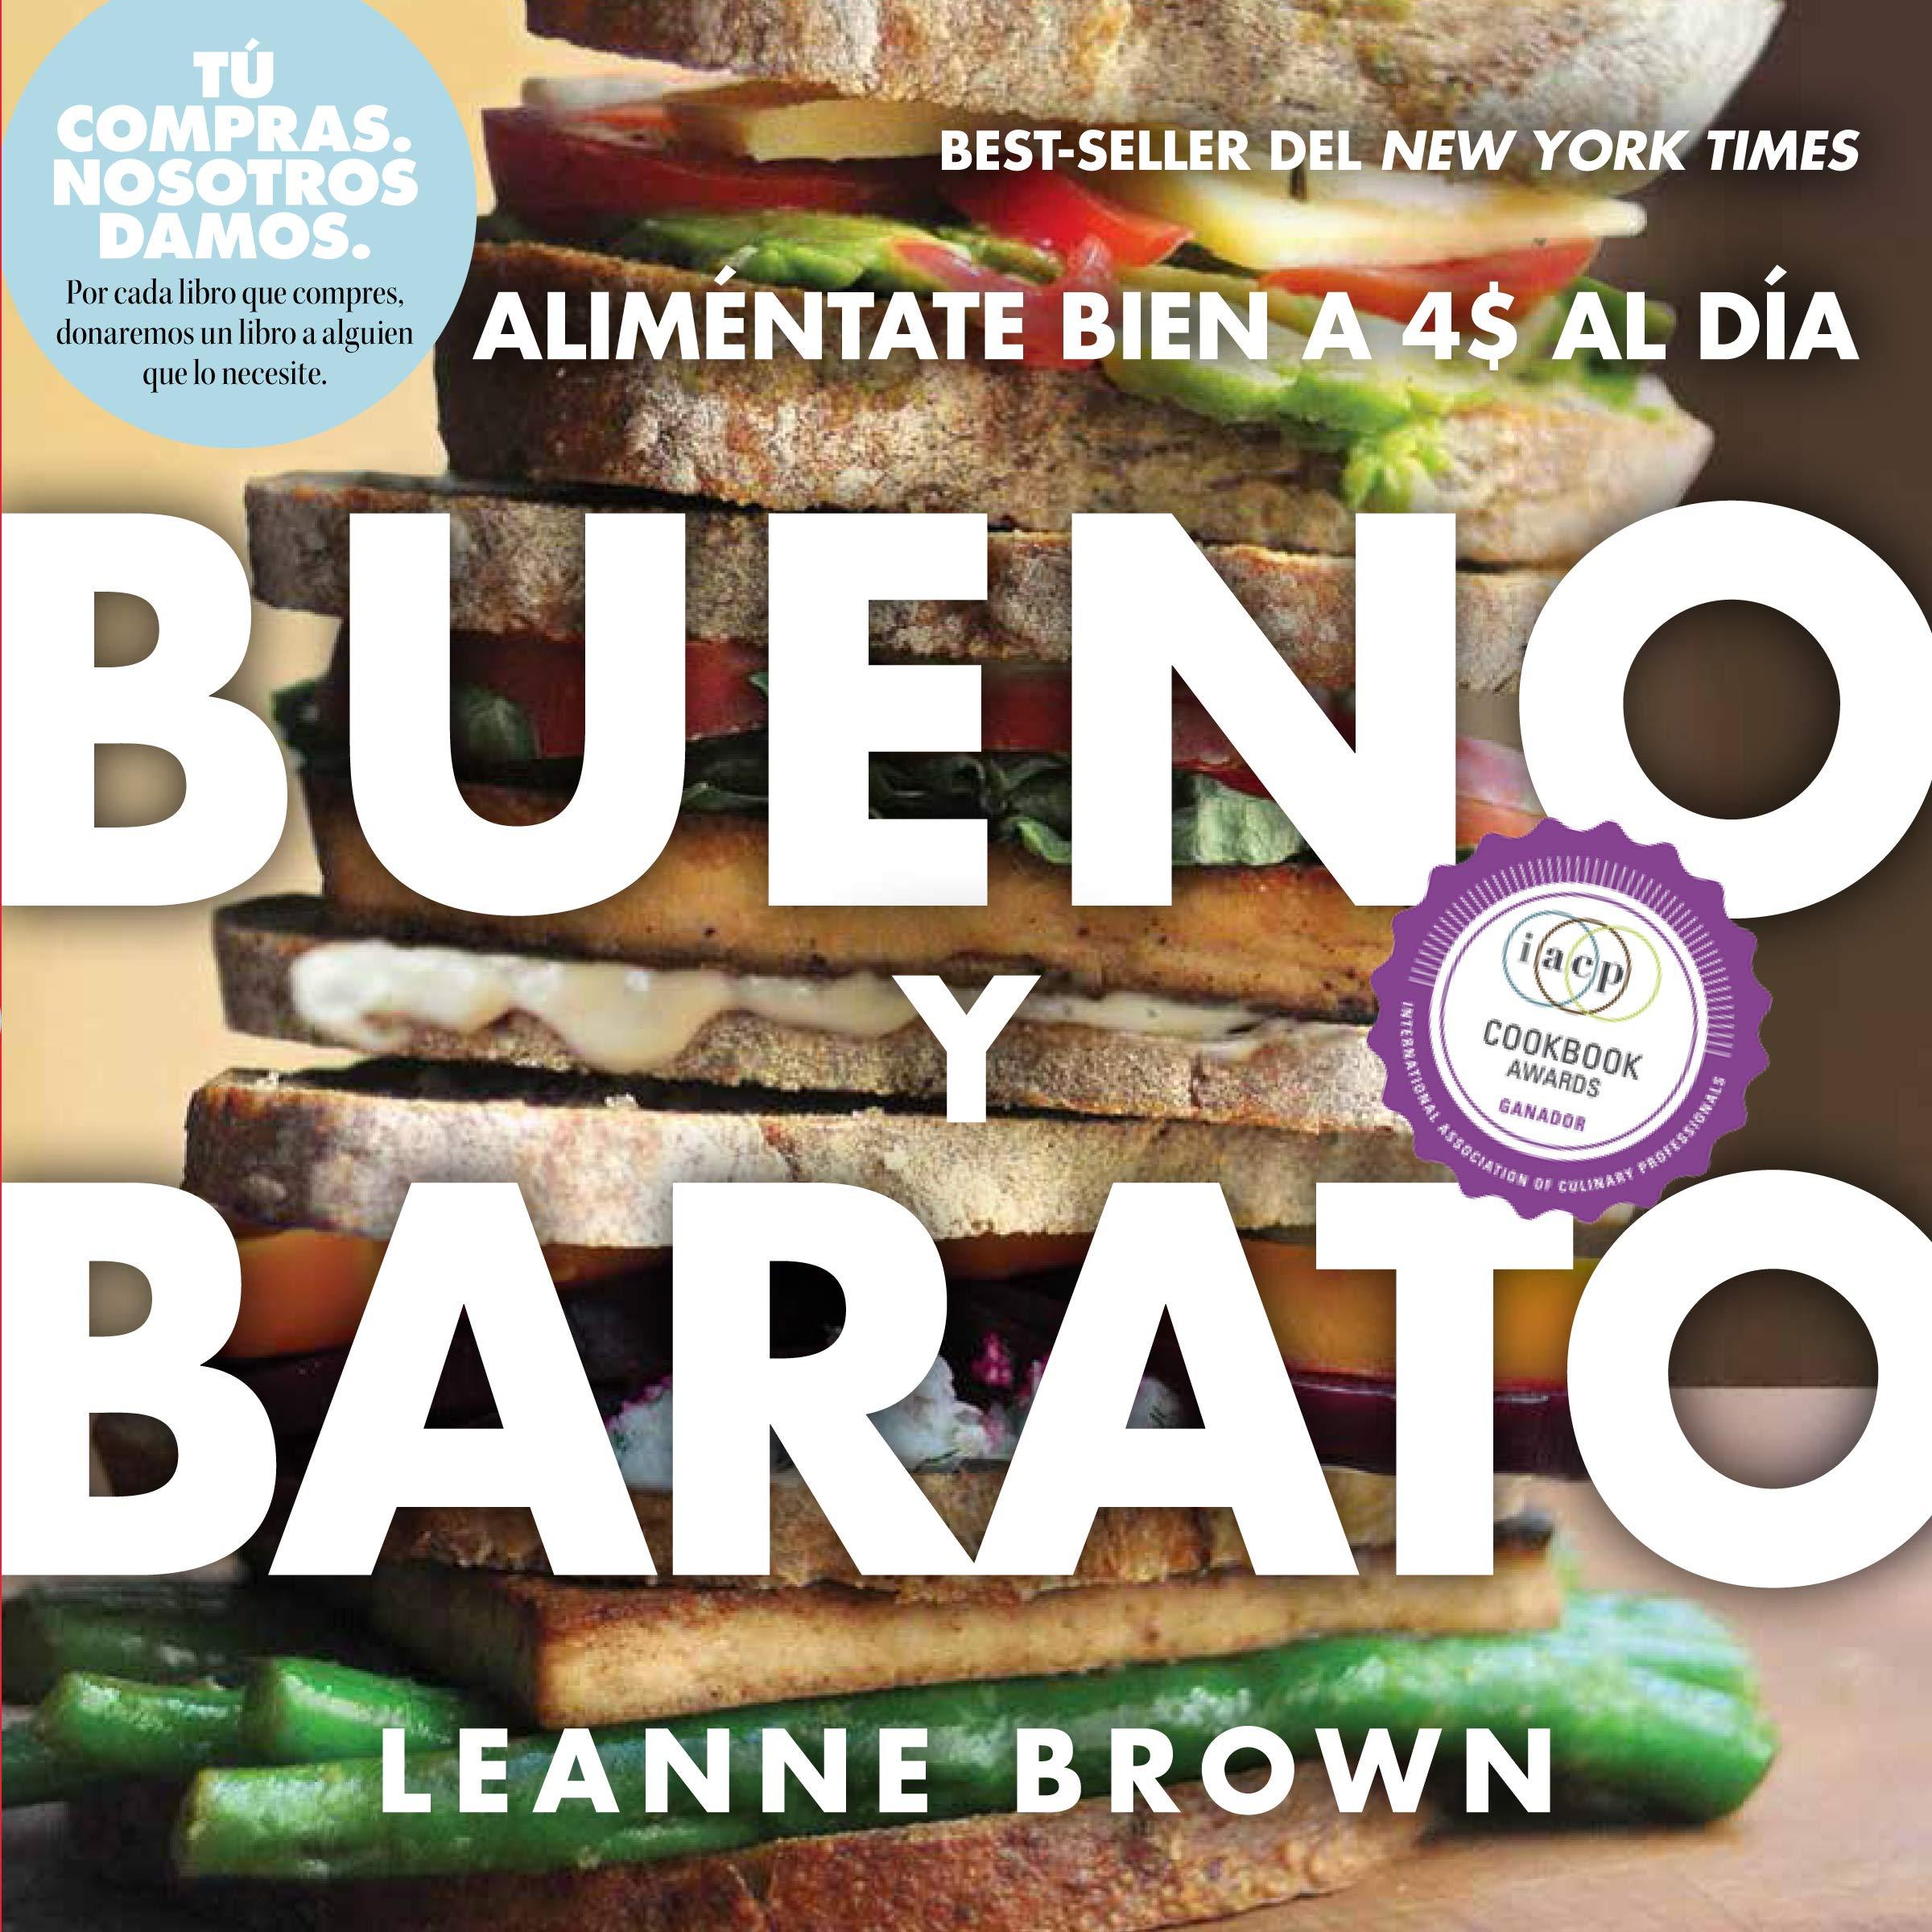 Bueno Y Barato: Alimentate Bien a $4 Al Dia: Amazon.es: Leanne Brown: Libros